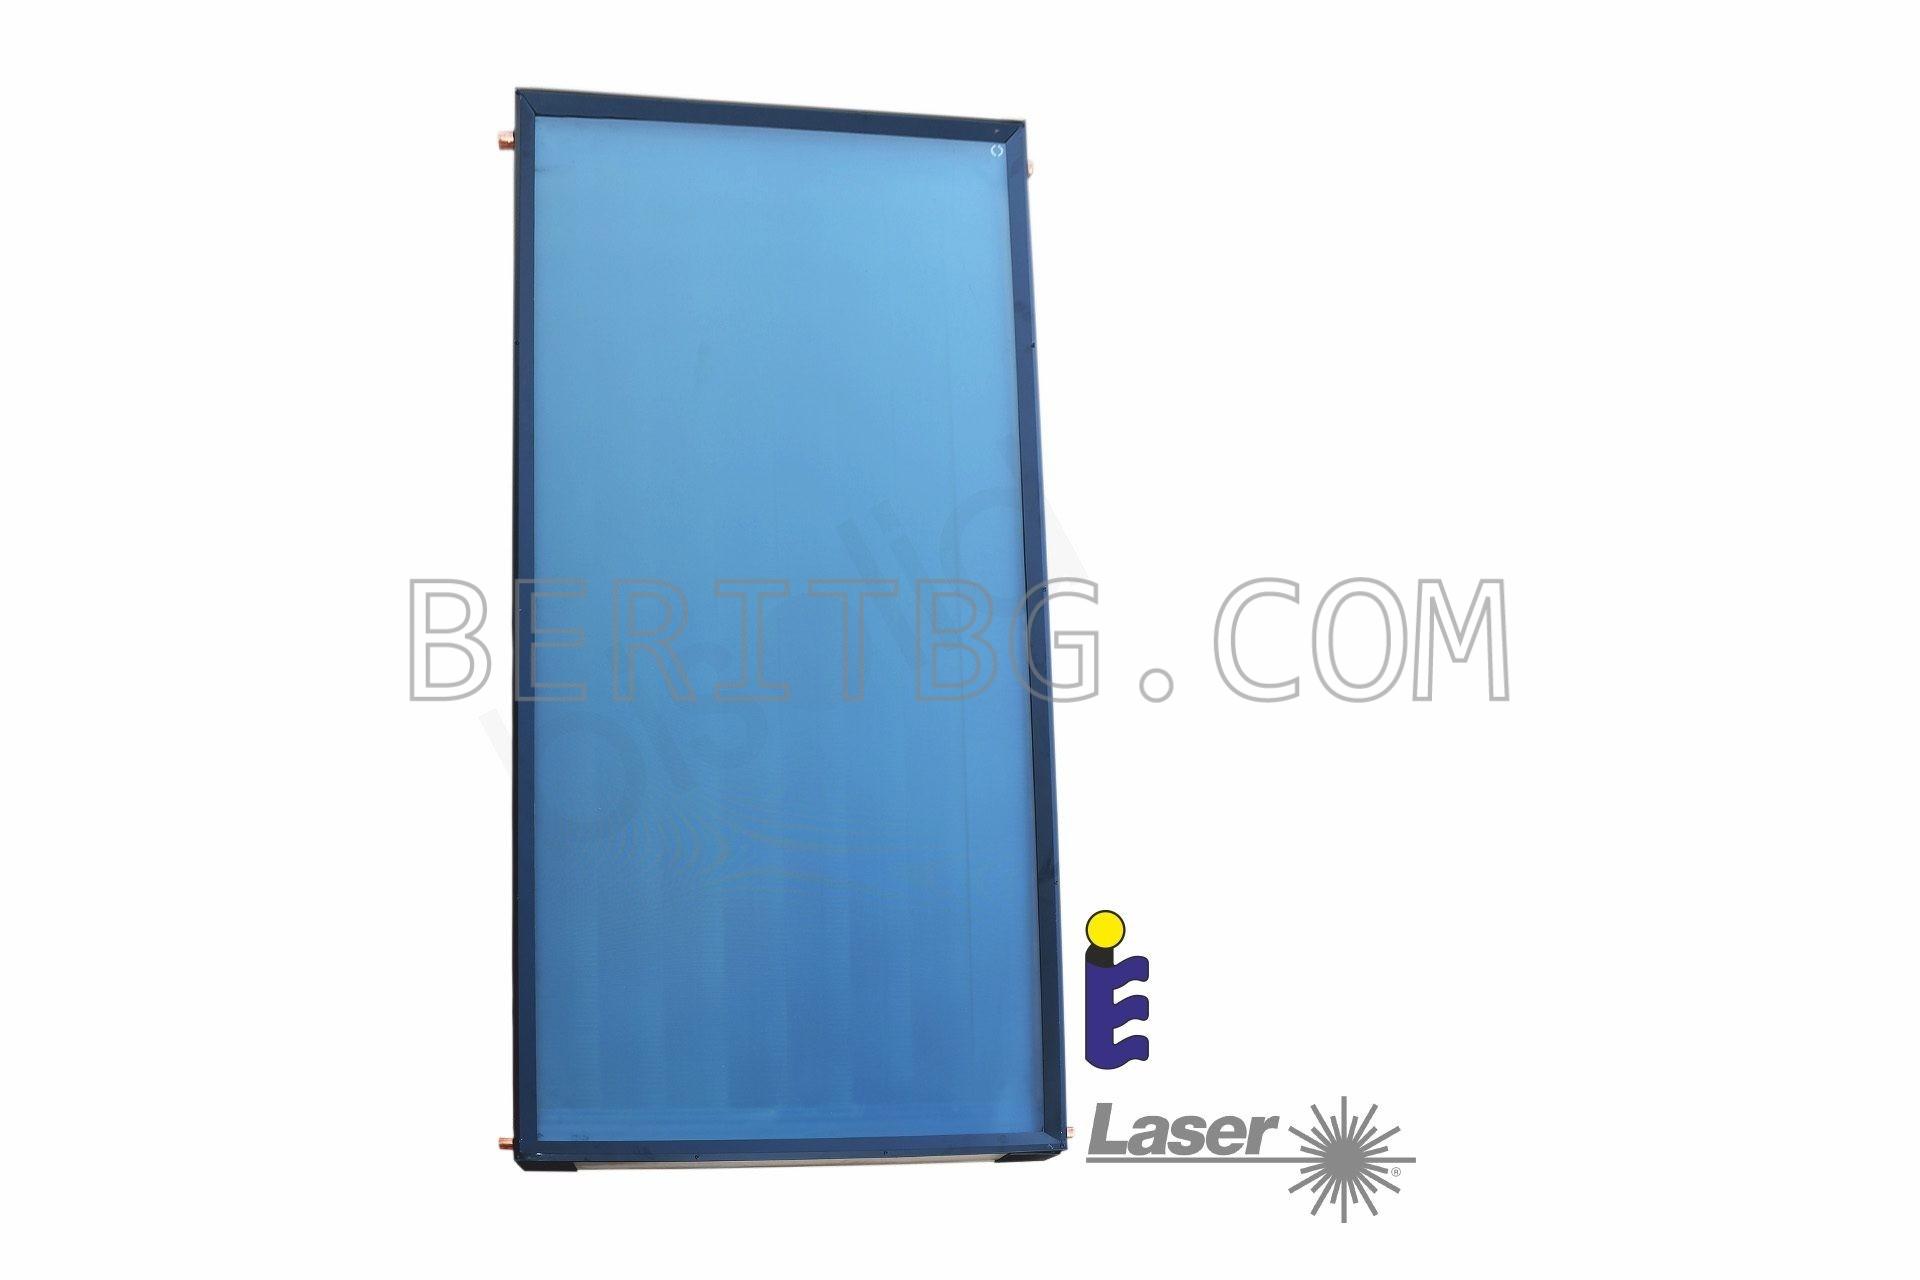 Слънчев колектор Bisolid Sigma PLUS, селективен, 1.5 m2, Blue